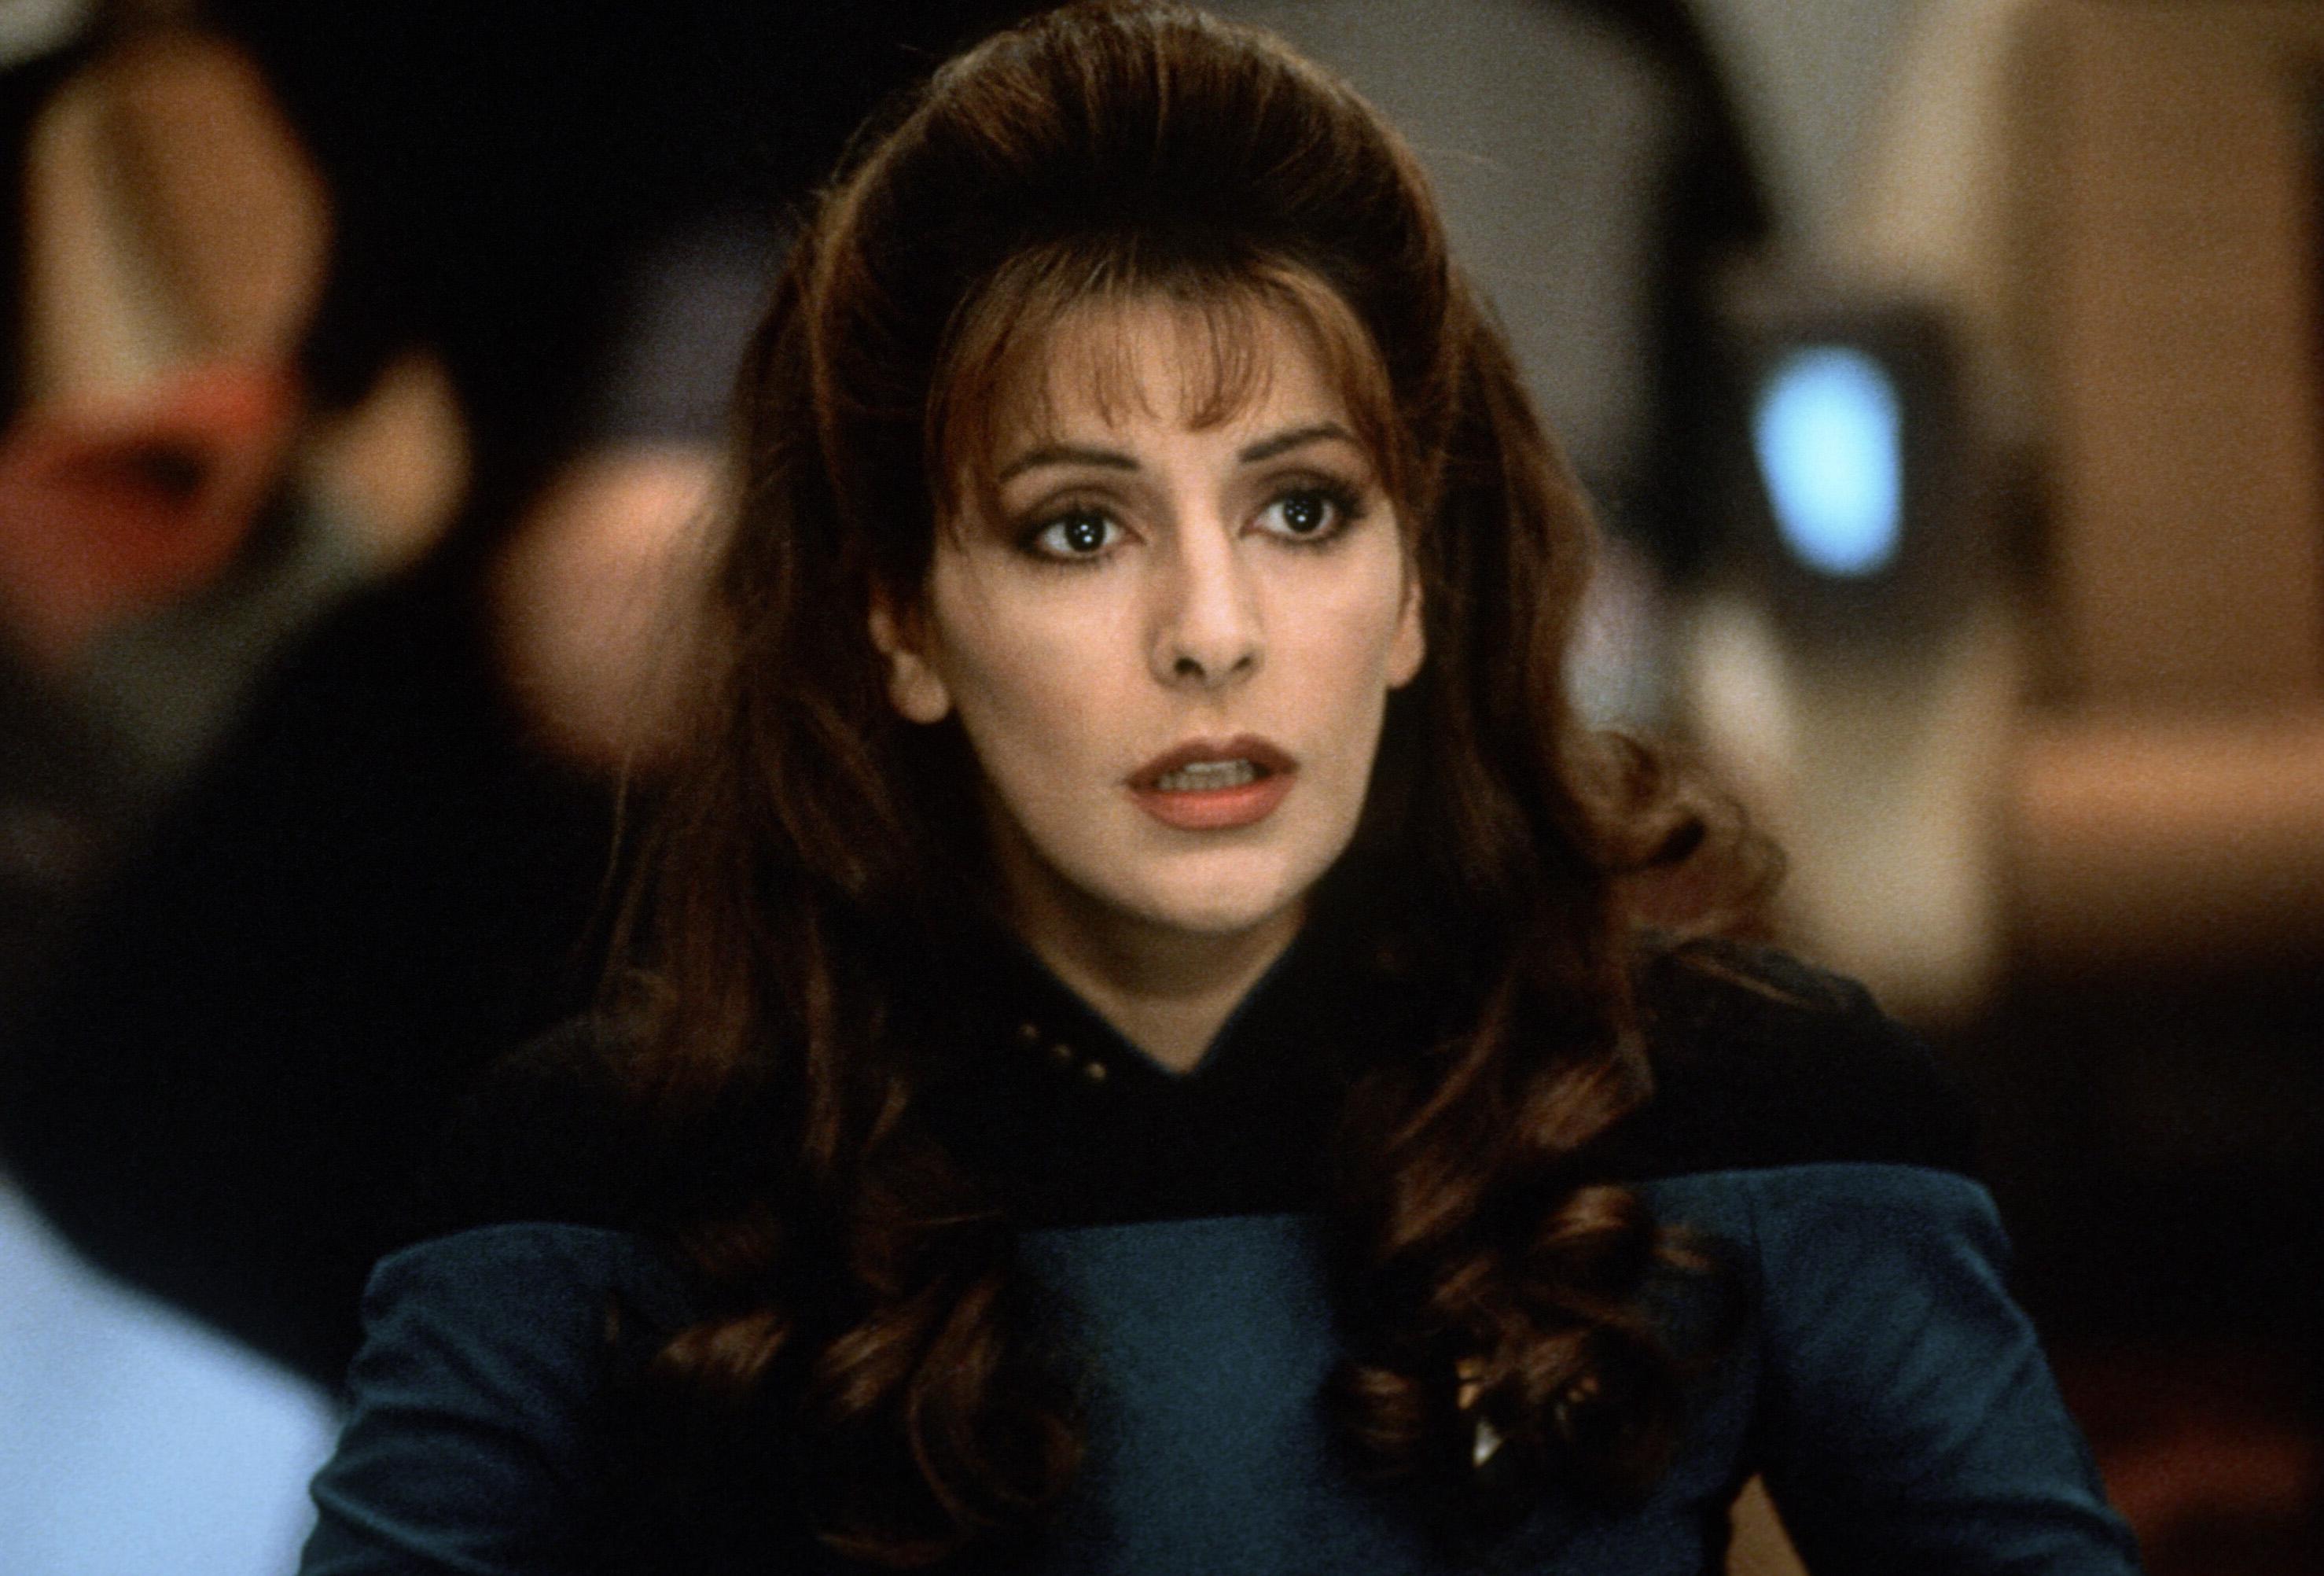 Marina sirtis counselor deanna troi star trek - 1 6